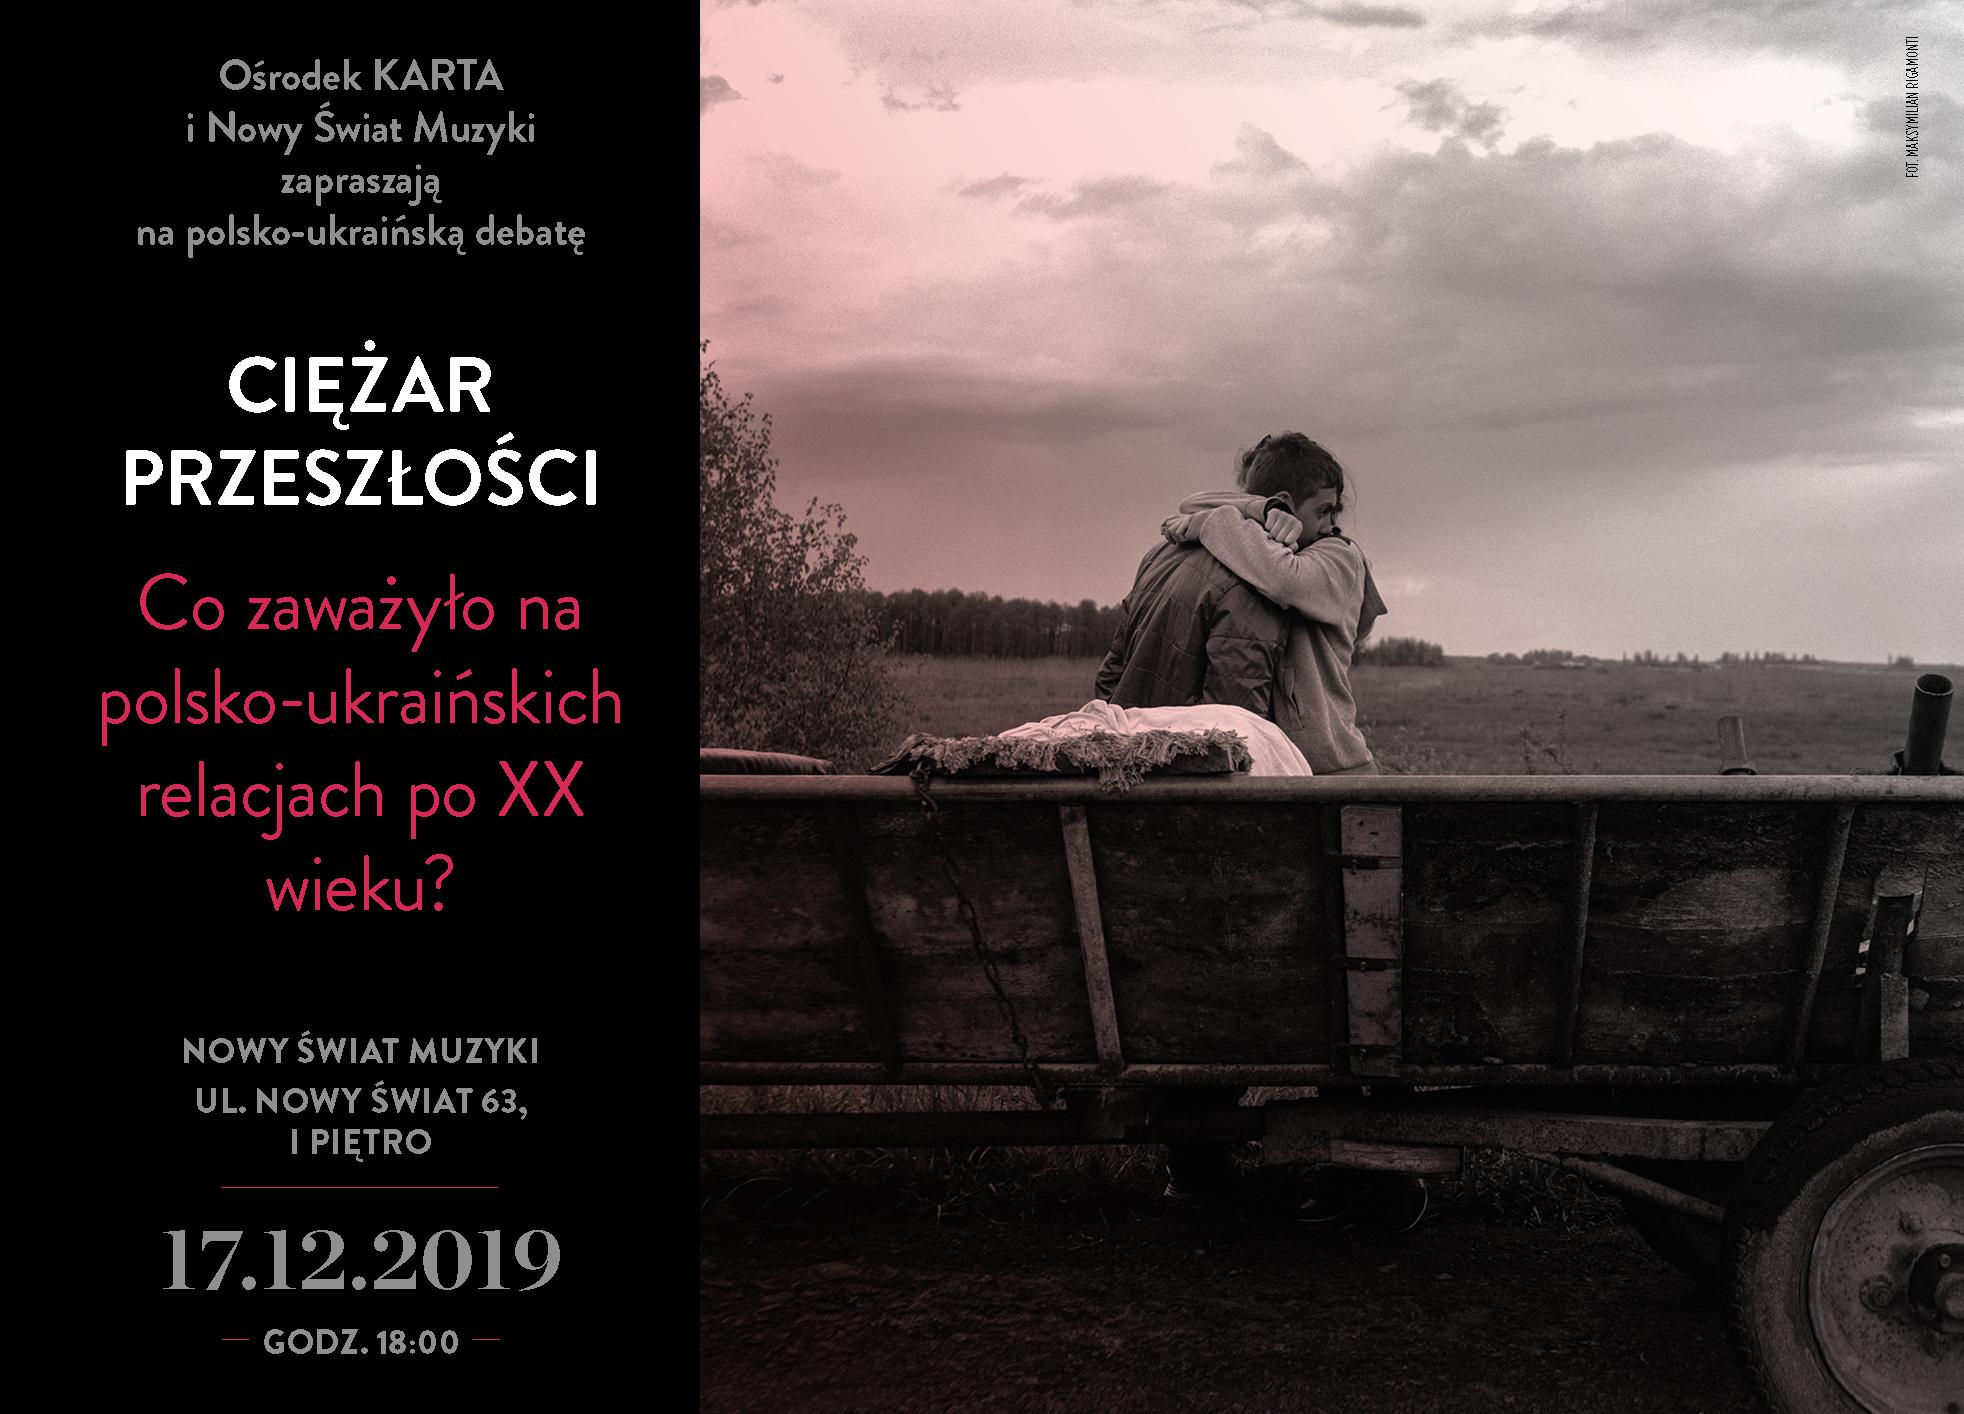 """Zapraszamy napolsko–ukraińską debatę """"Polska–Ukraina: ciężar przeszłości"""""""